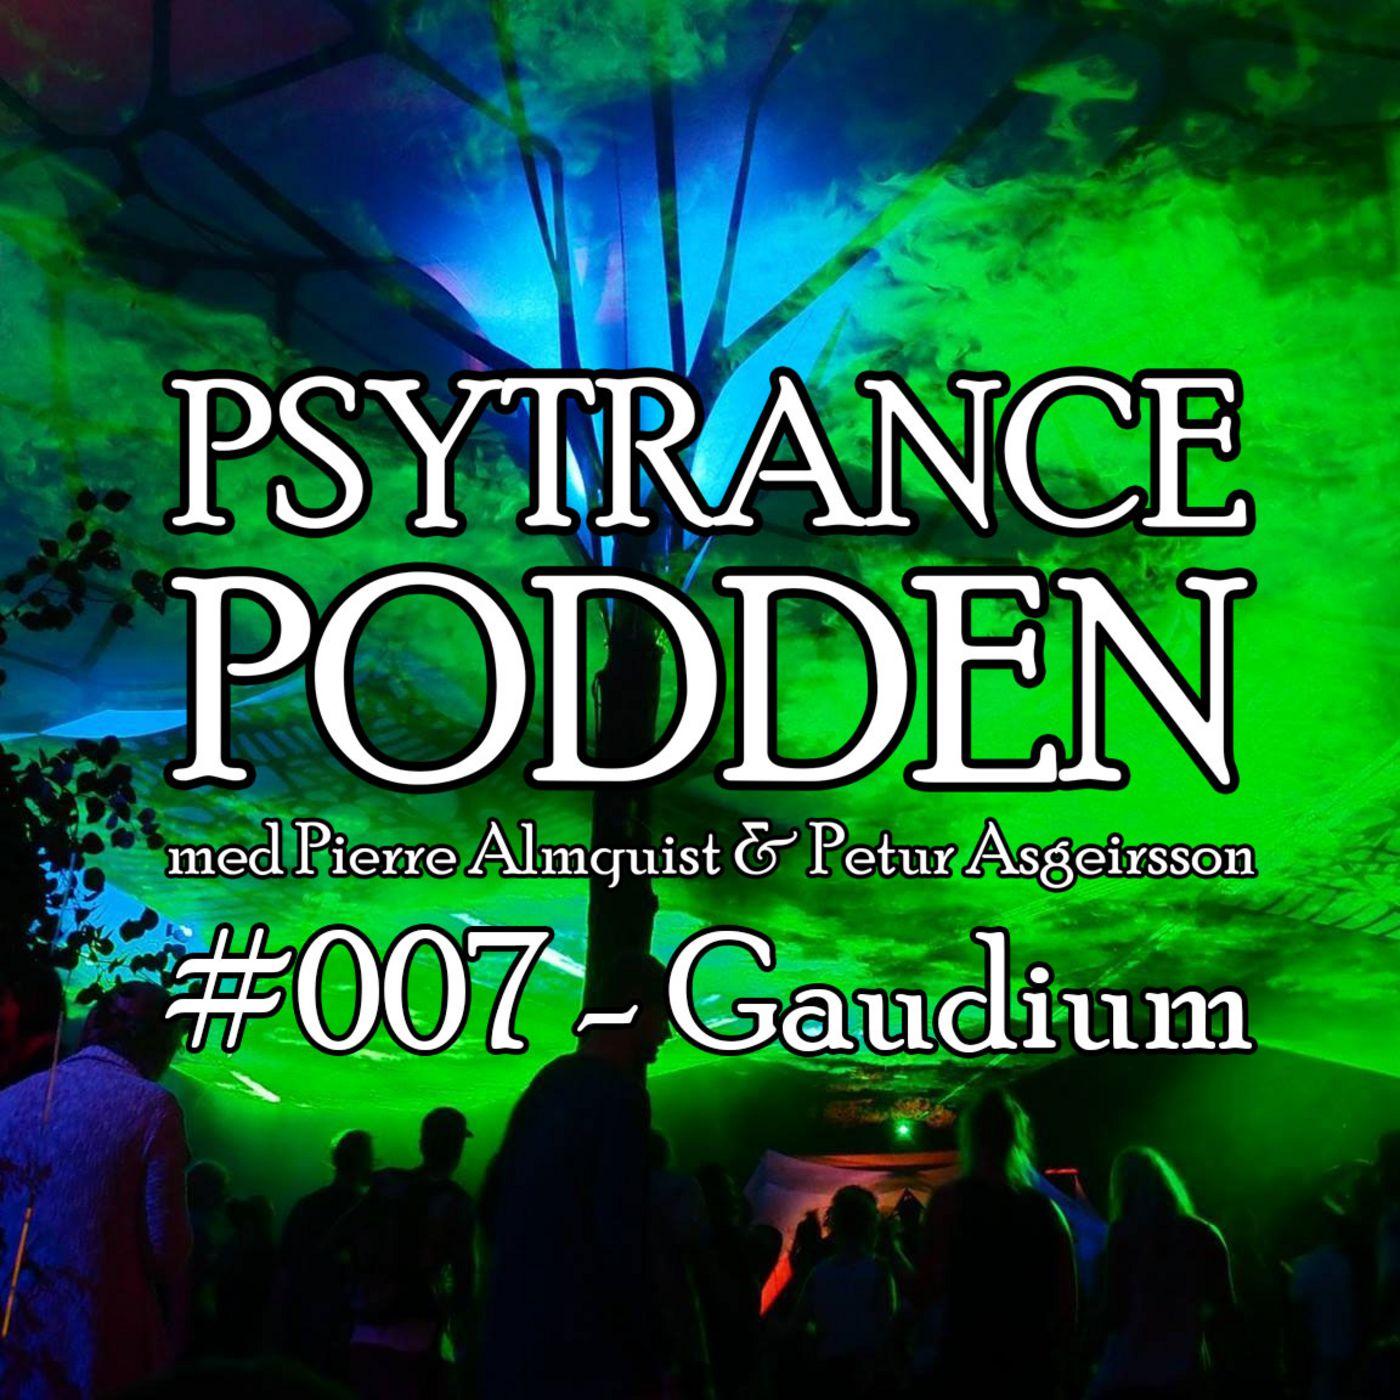 #007 - Gaudium